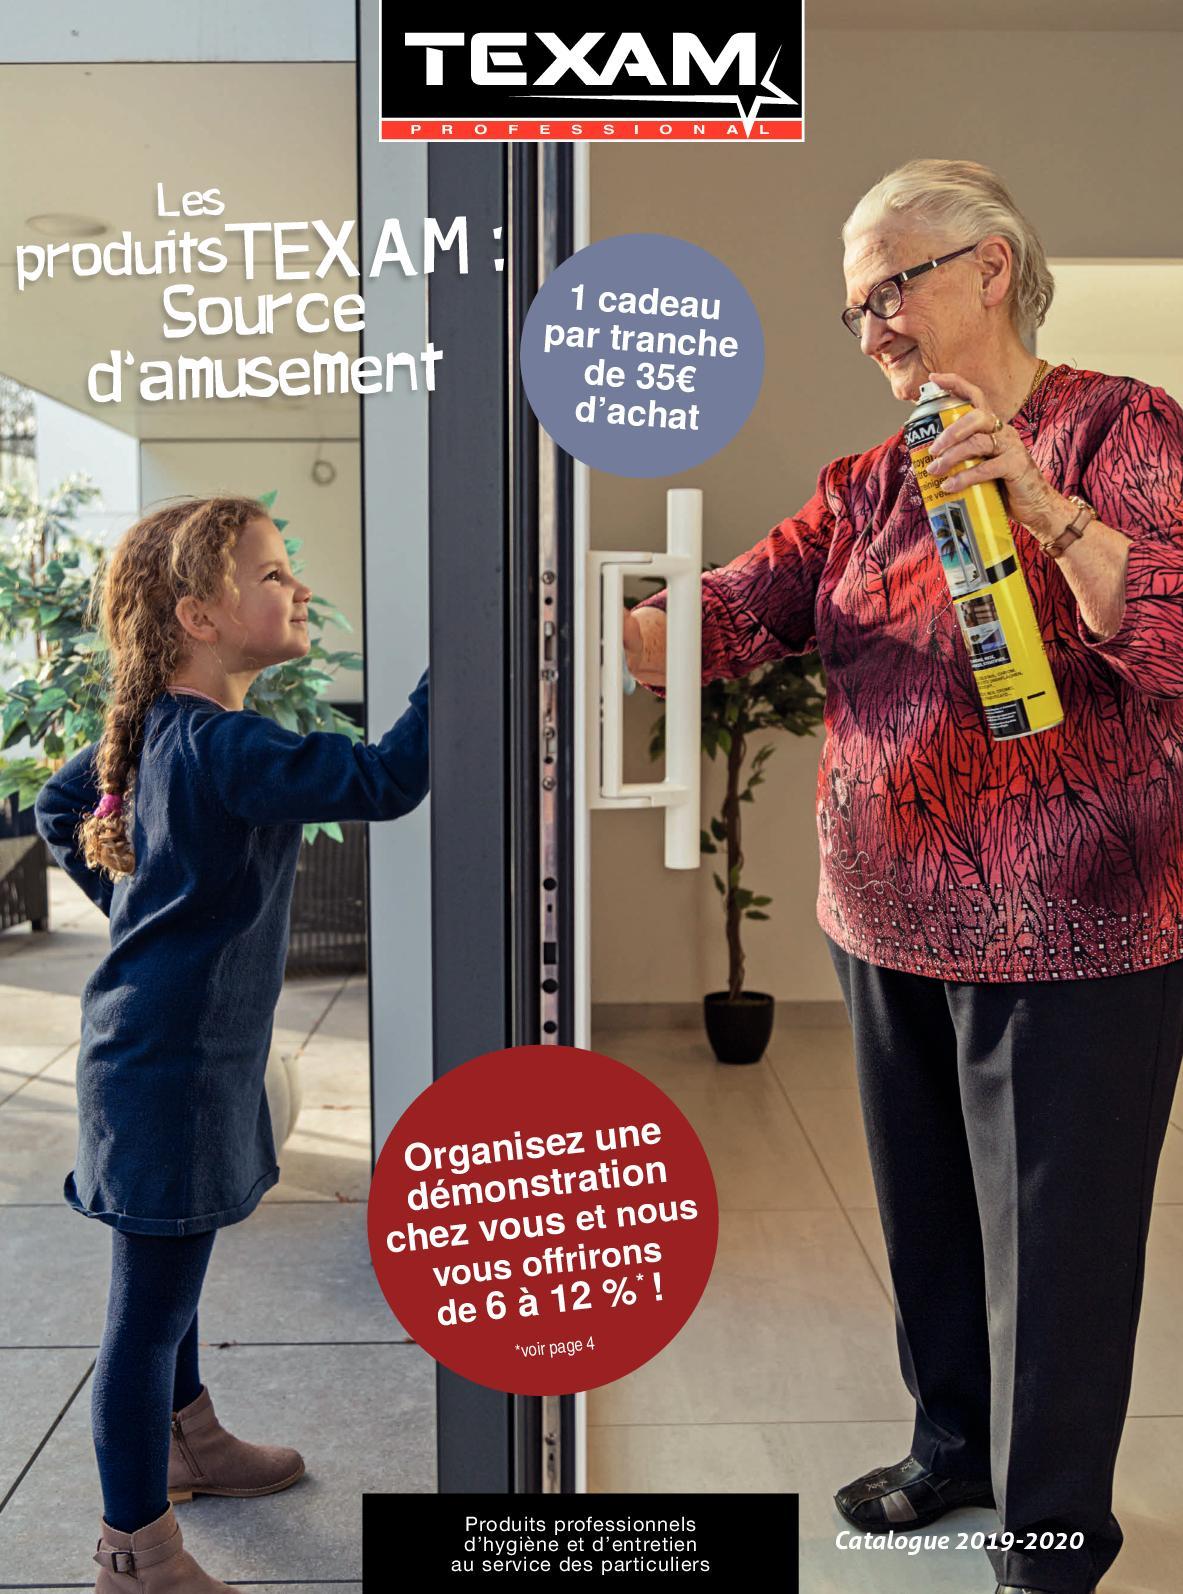 2019 Texam Catálogo Versión Calaméo 2 BxosQhrdCt